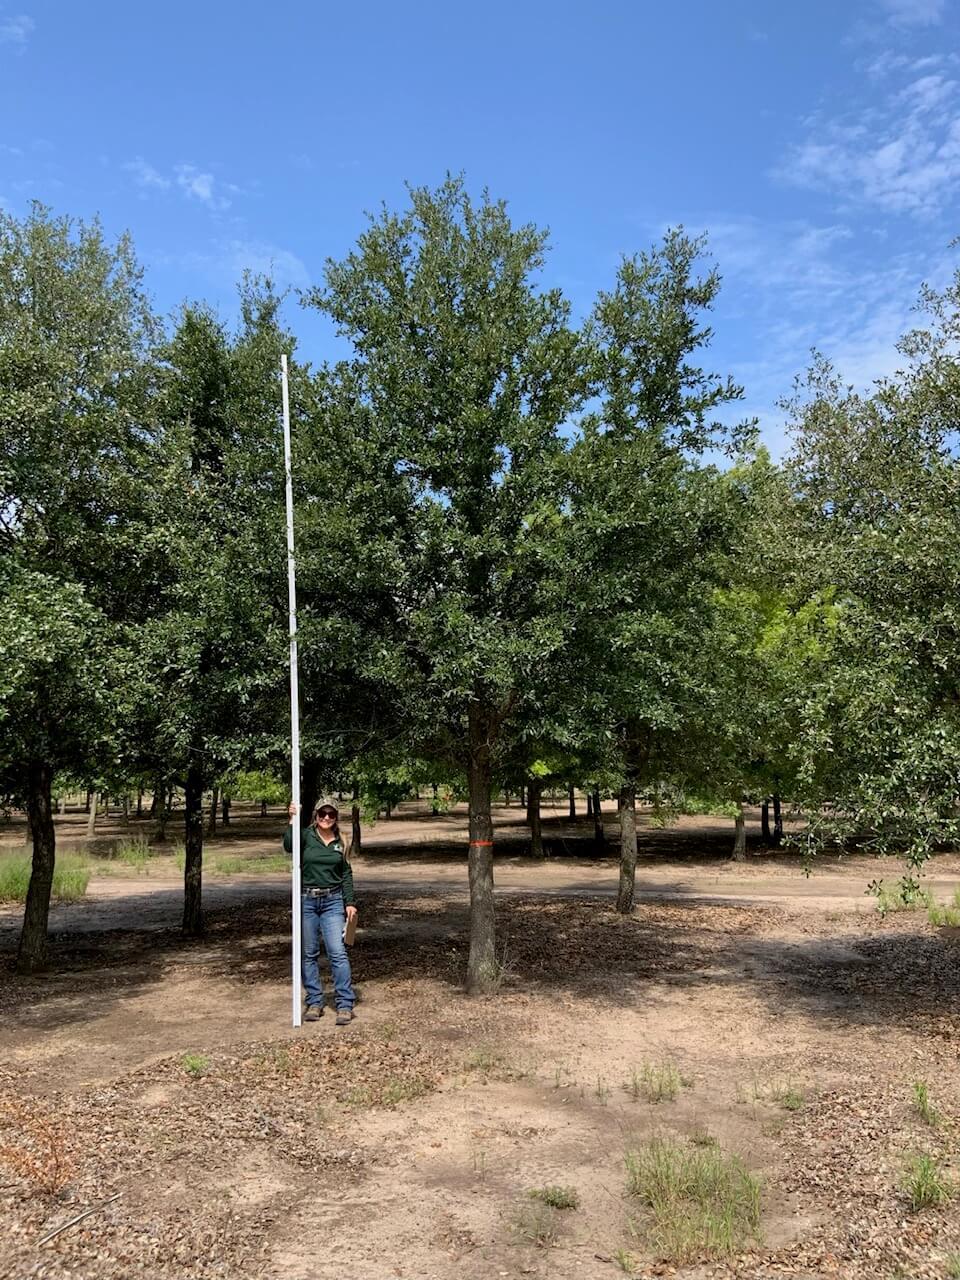 8 inch live oak trees